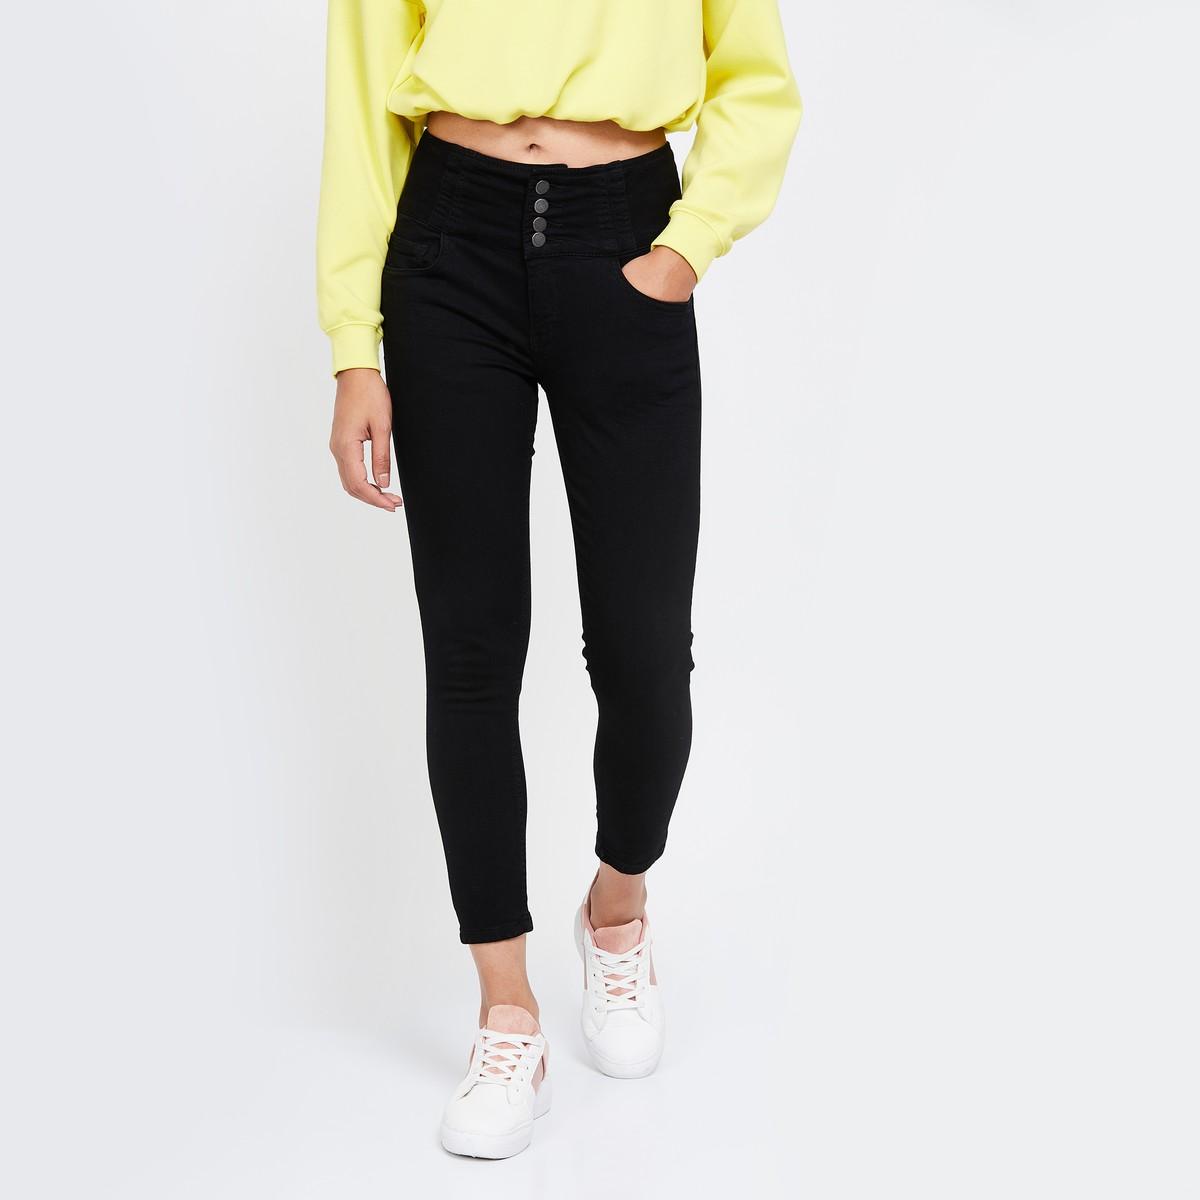 Black Women High waist jeans